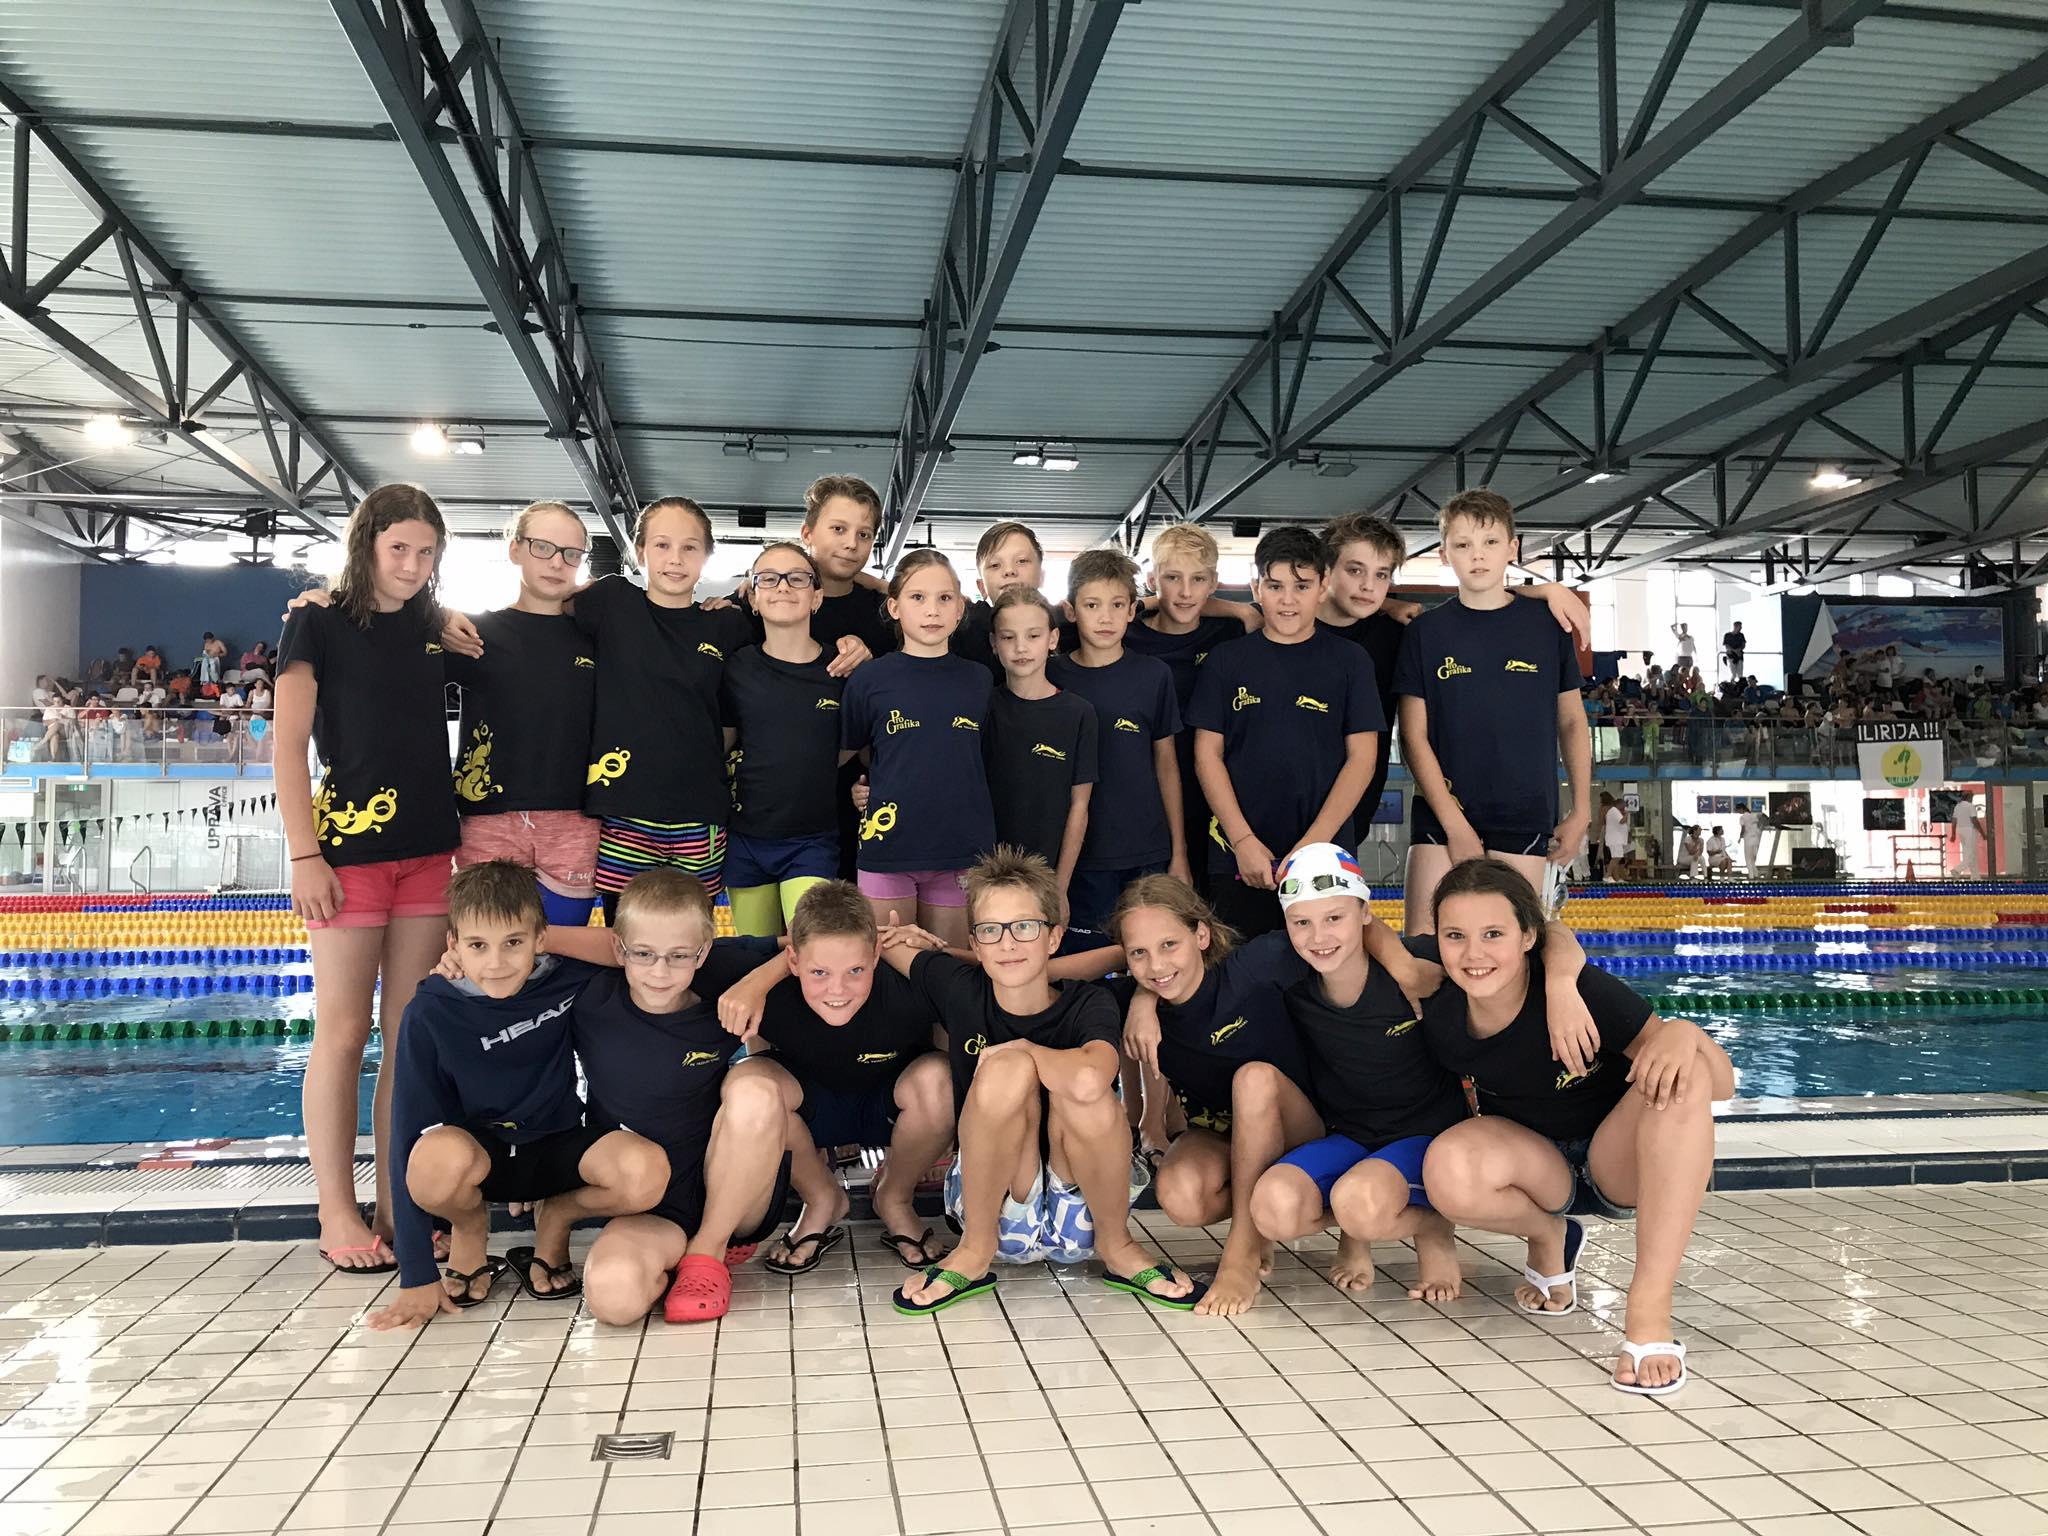 Državno prvenstvo za mlajše deklice in dečke v Mariboru